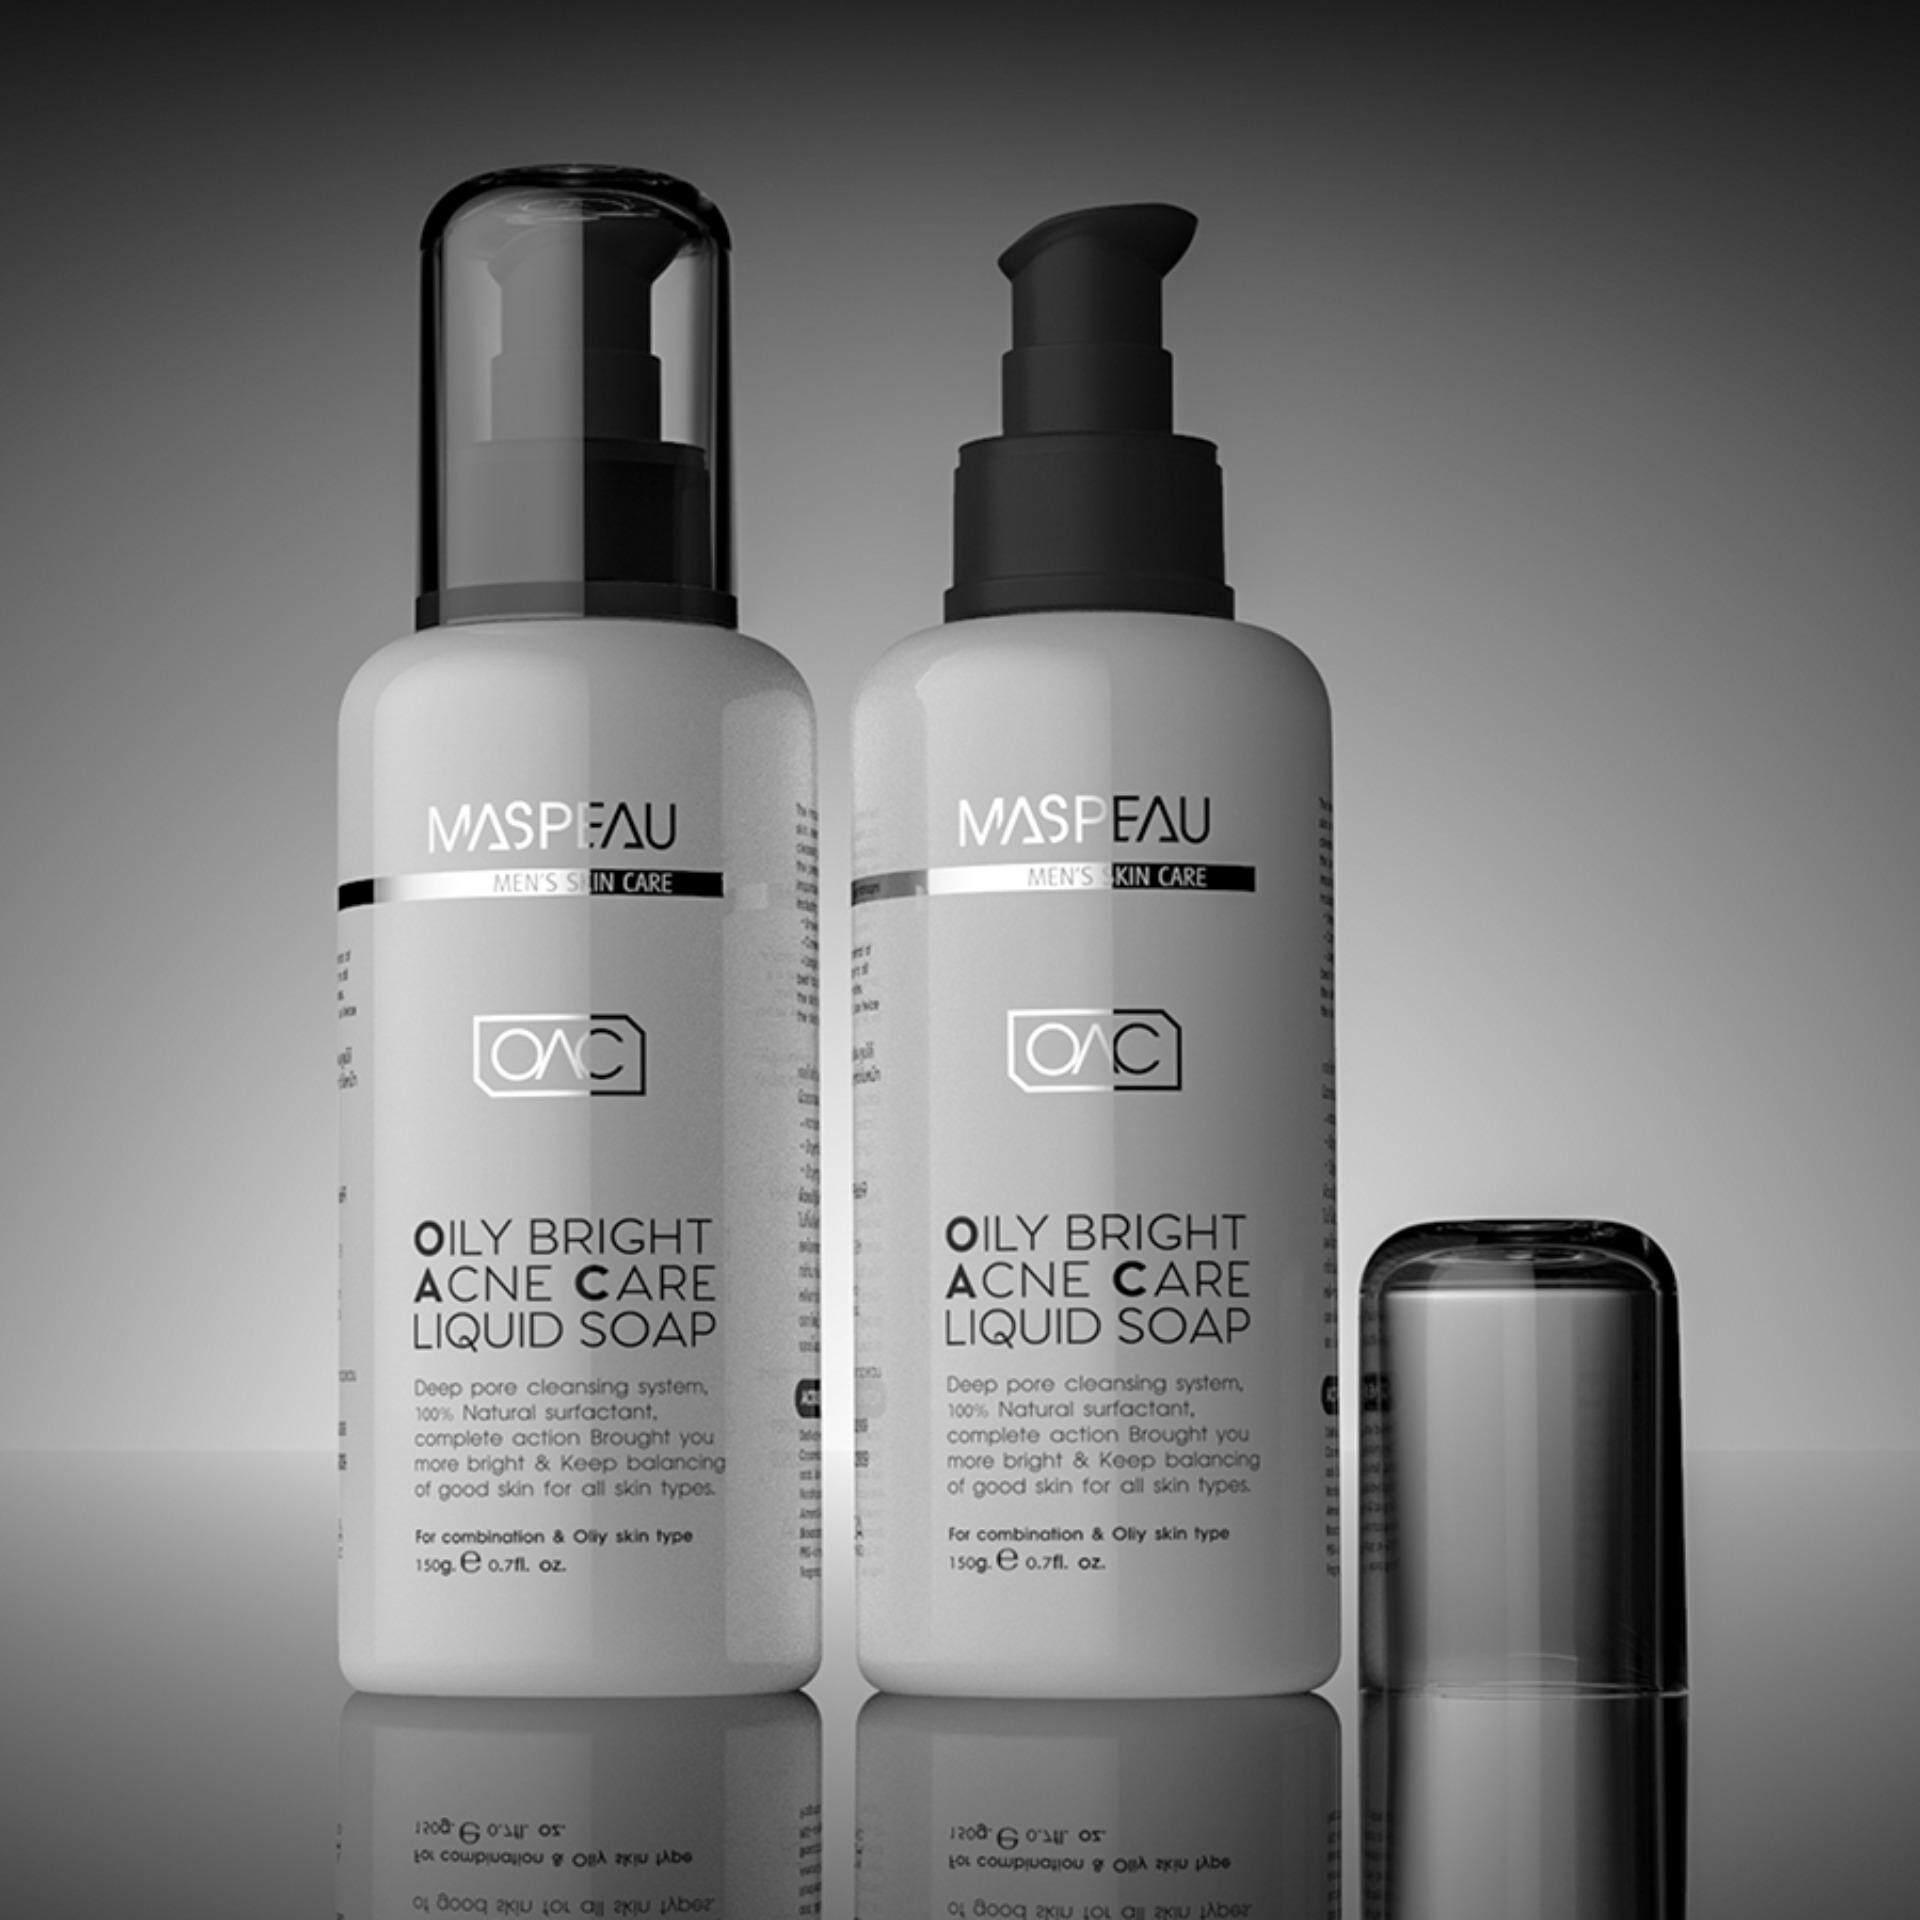 ขาย Maspeau Oily Bright Acne Care Liquid Soap เซ็ทคู่ เป็นต้นฉบับ